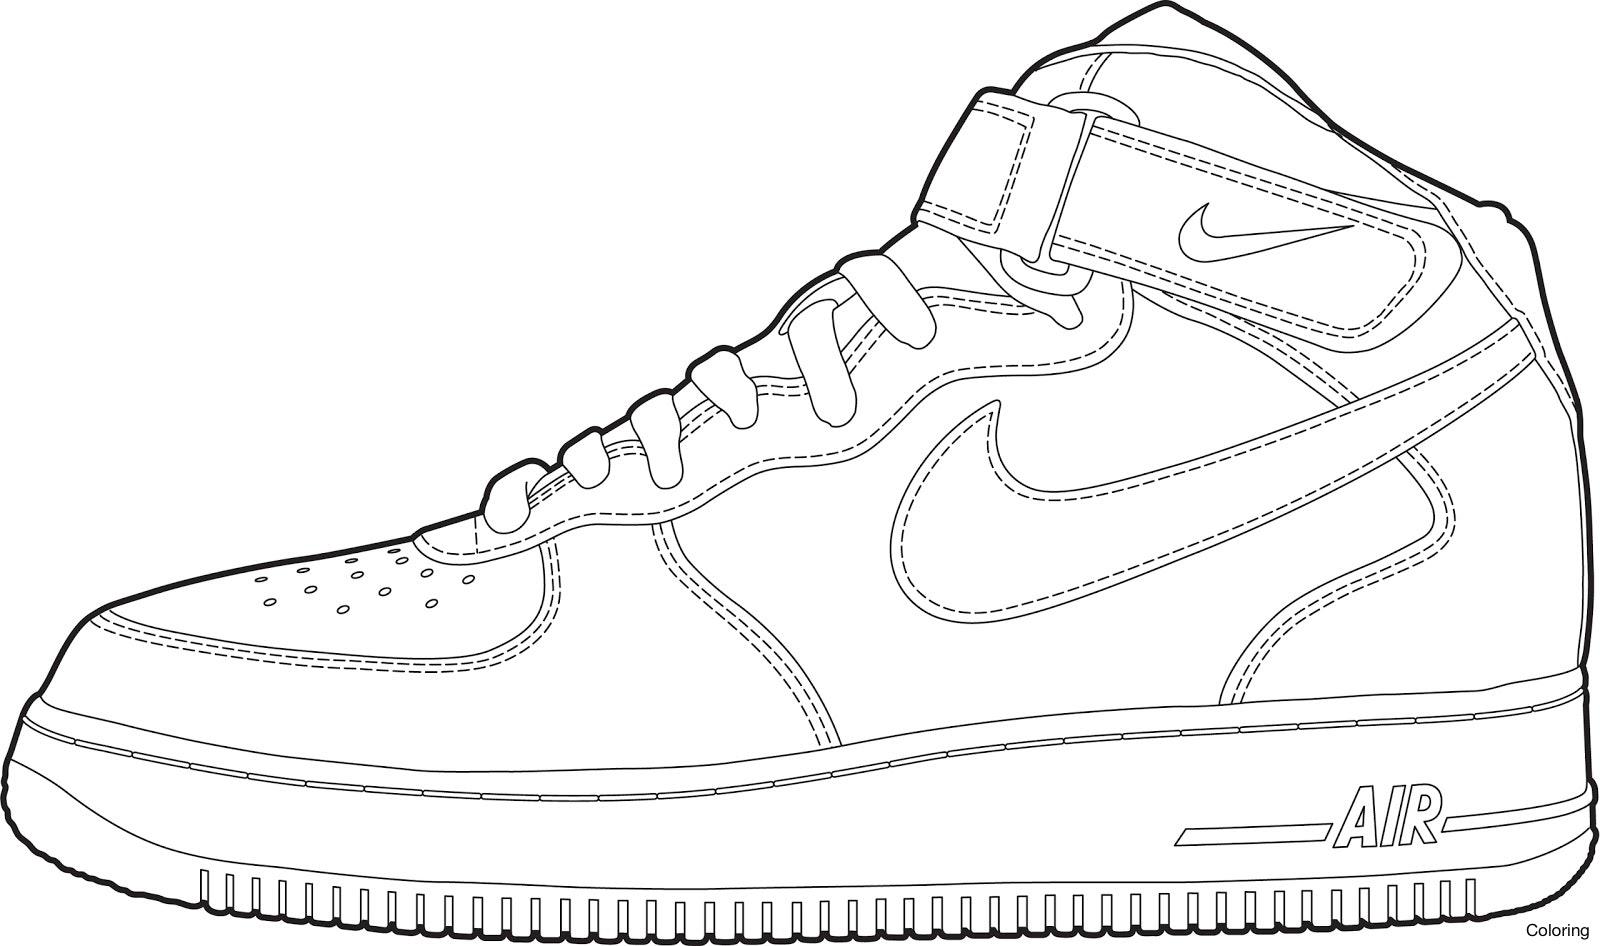 1600x946 Shoes Coloring Pages Coloringsuite Com At Jordan Air 5f Sneaker